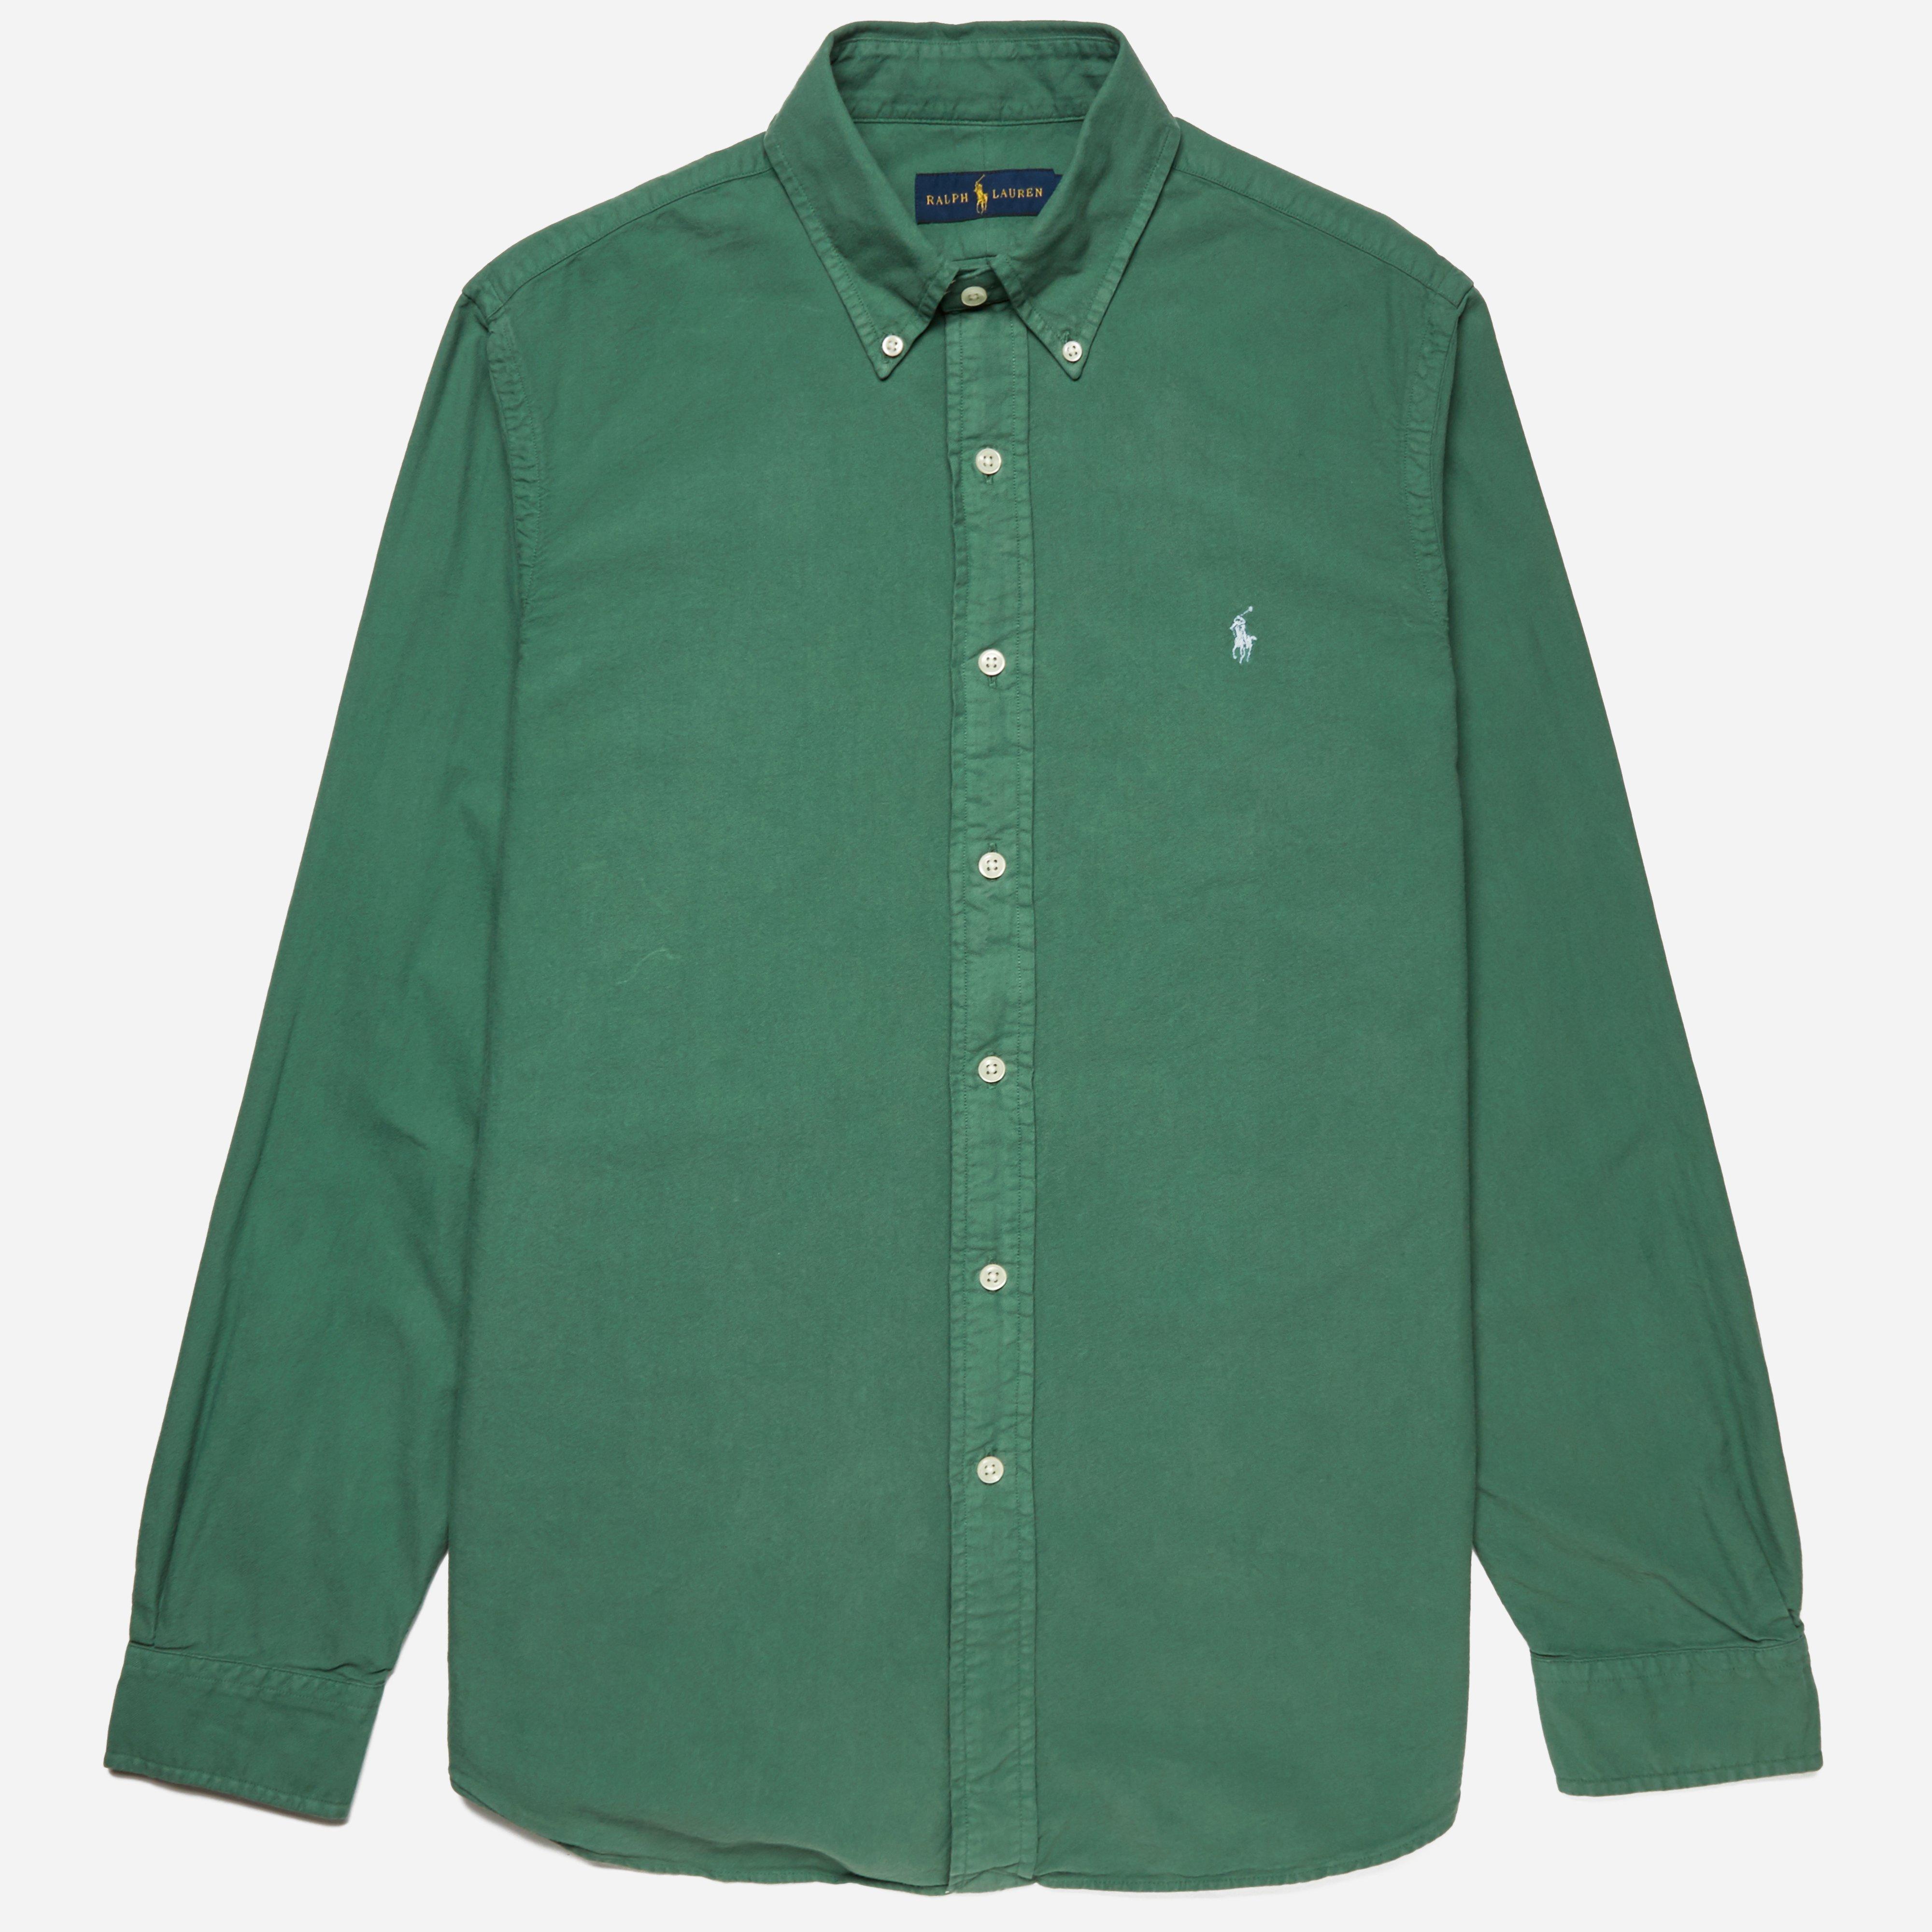 Polo Ralph Lauren Overdyed BD Shirt